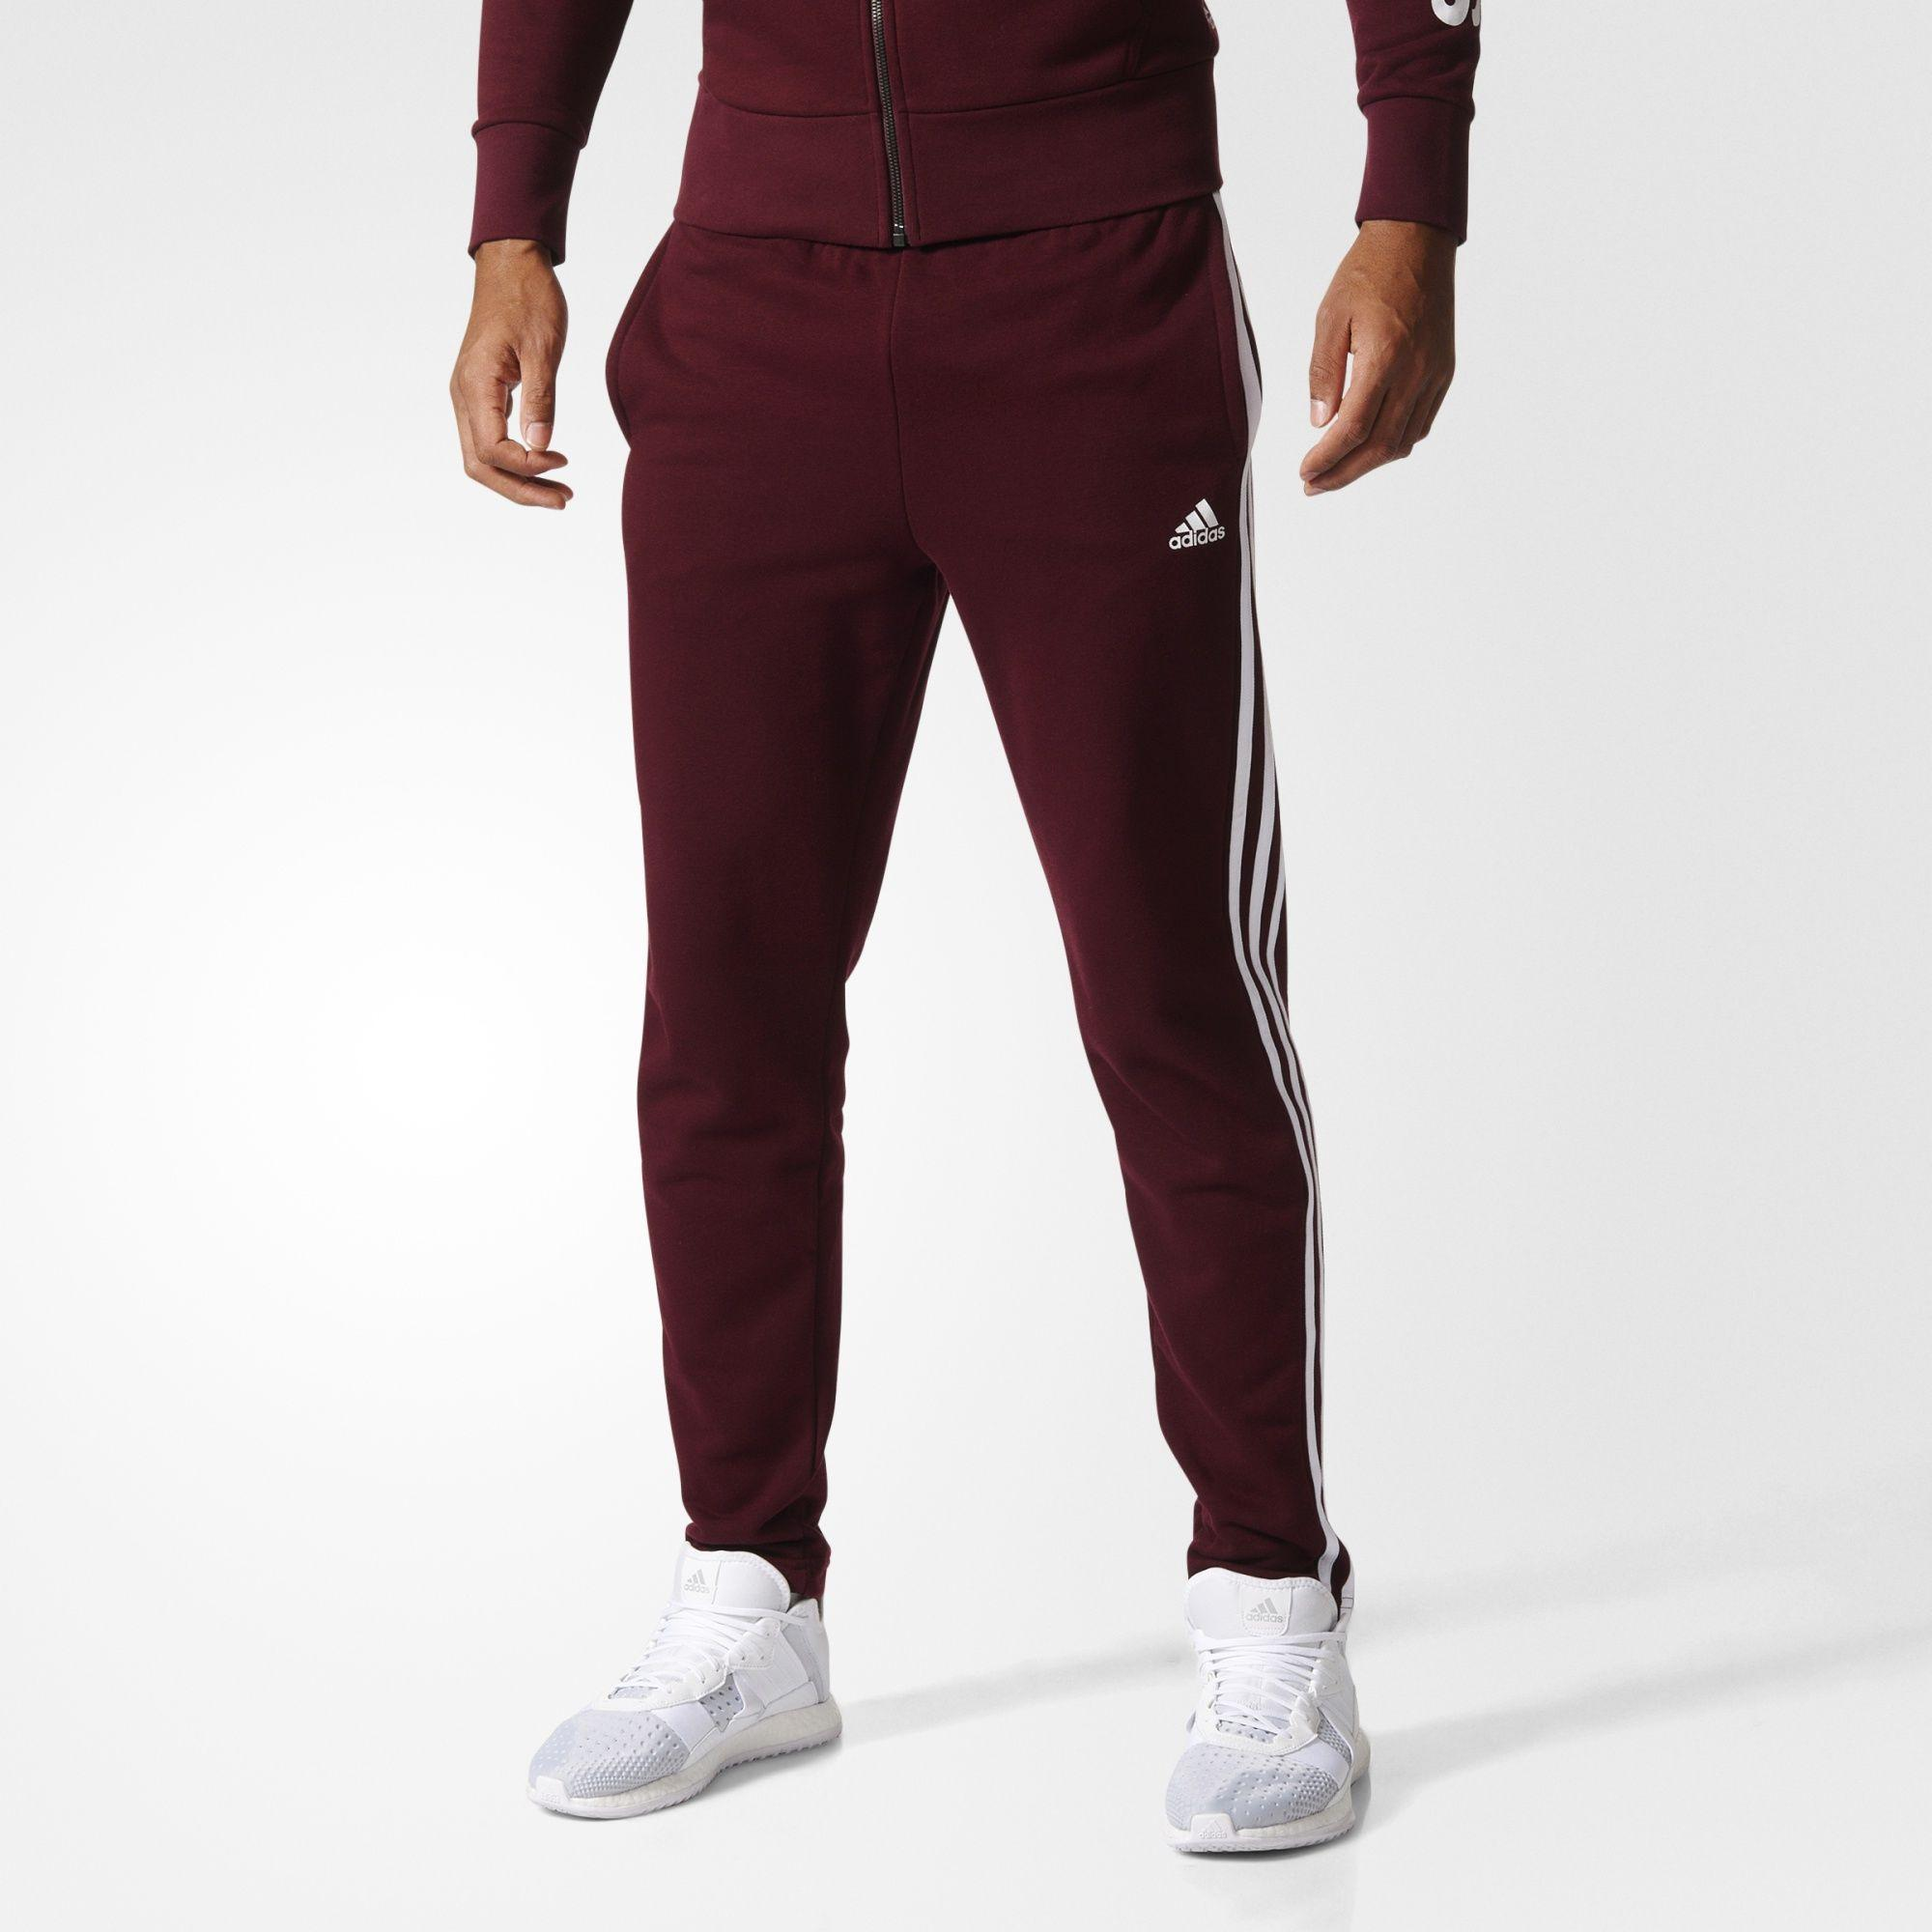 Herren Essentials 3-Streifen Hose, MAROON/WHITE, XL